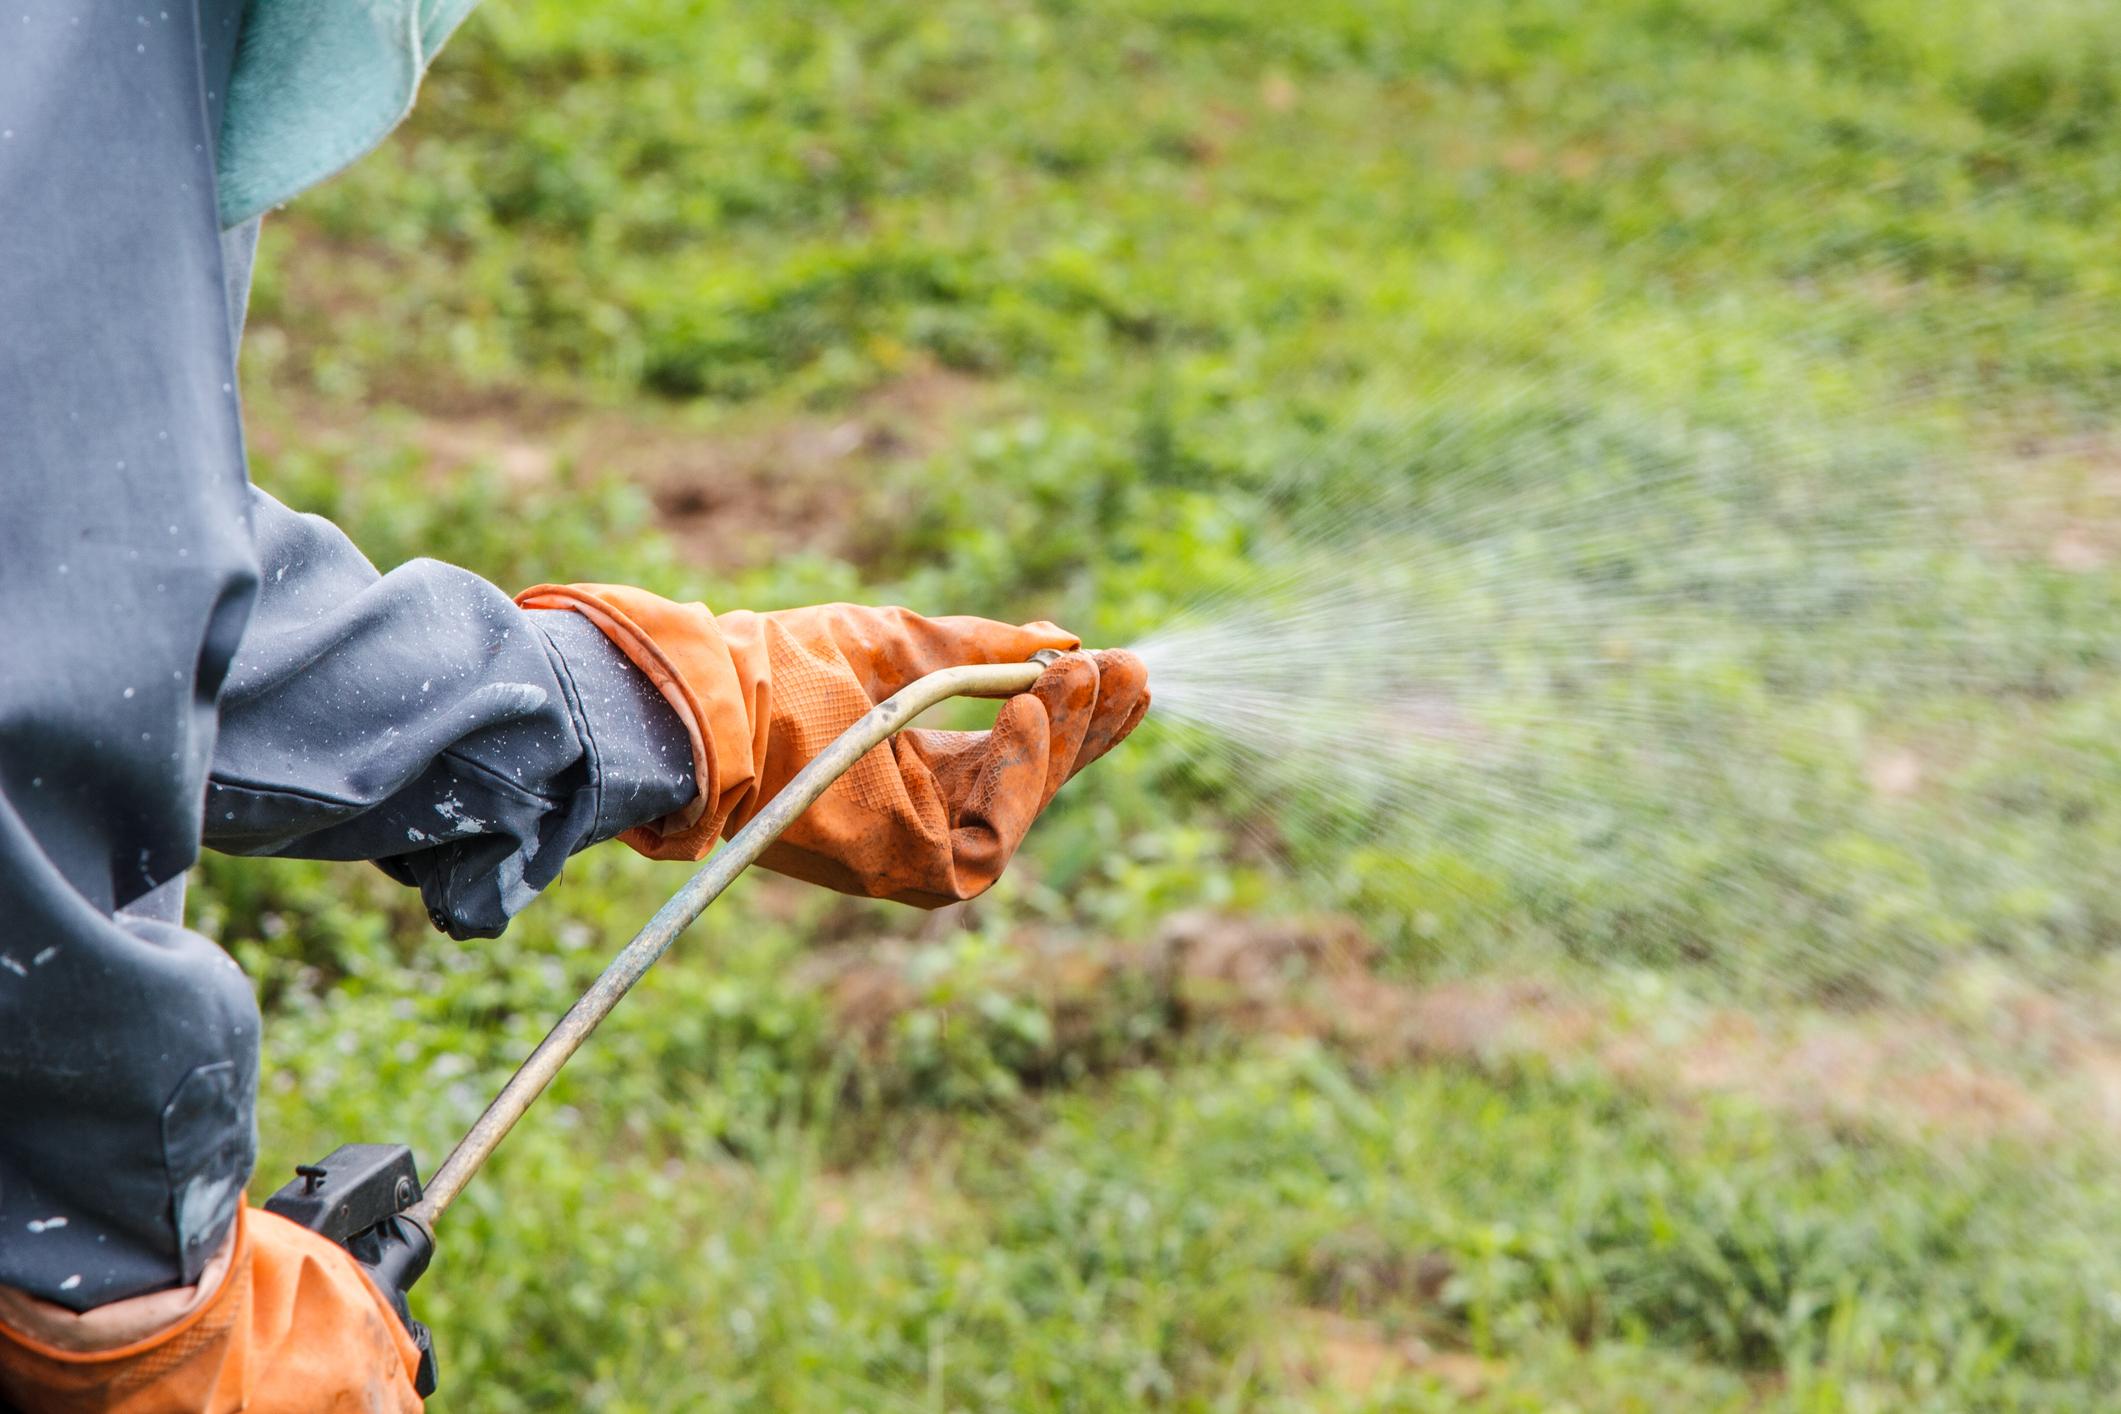 lawn-pest-control-three-tier-approach.jpg